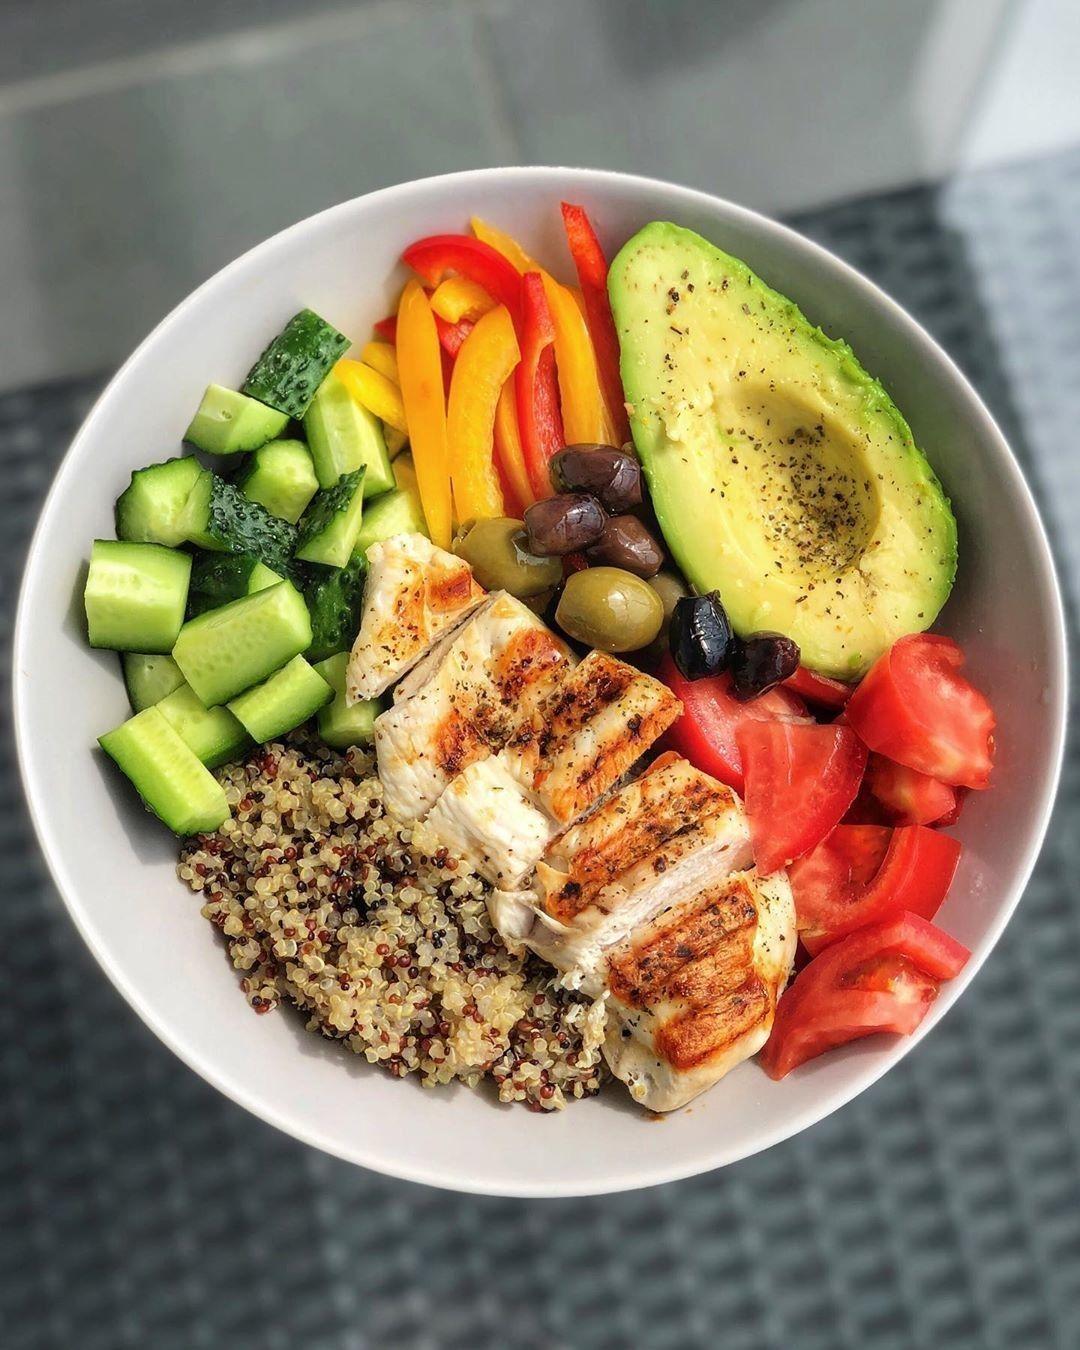 Диет Обед Фото. Пп обеды для похудения: 15 простых рецептов с фото и кбжу